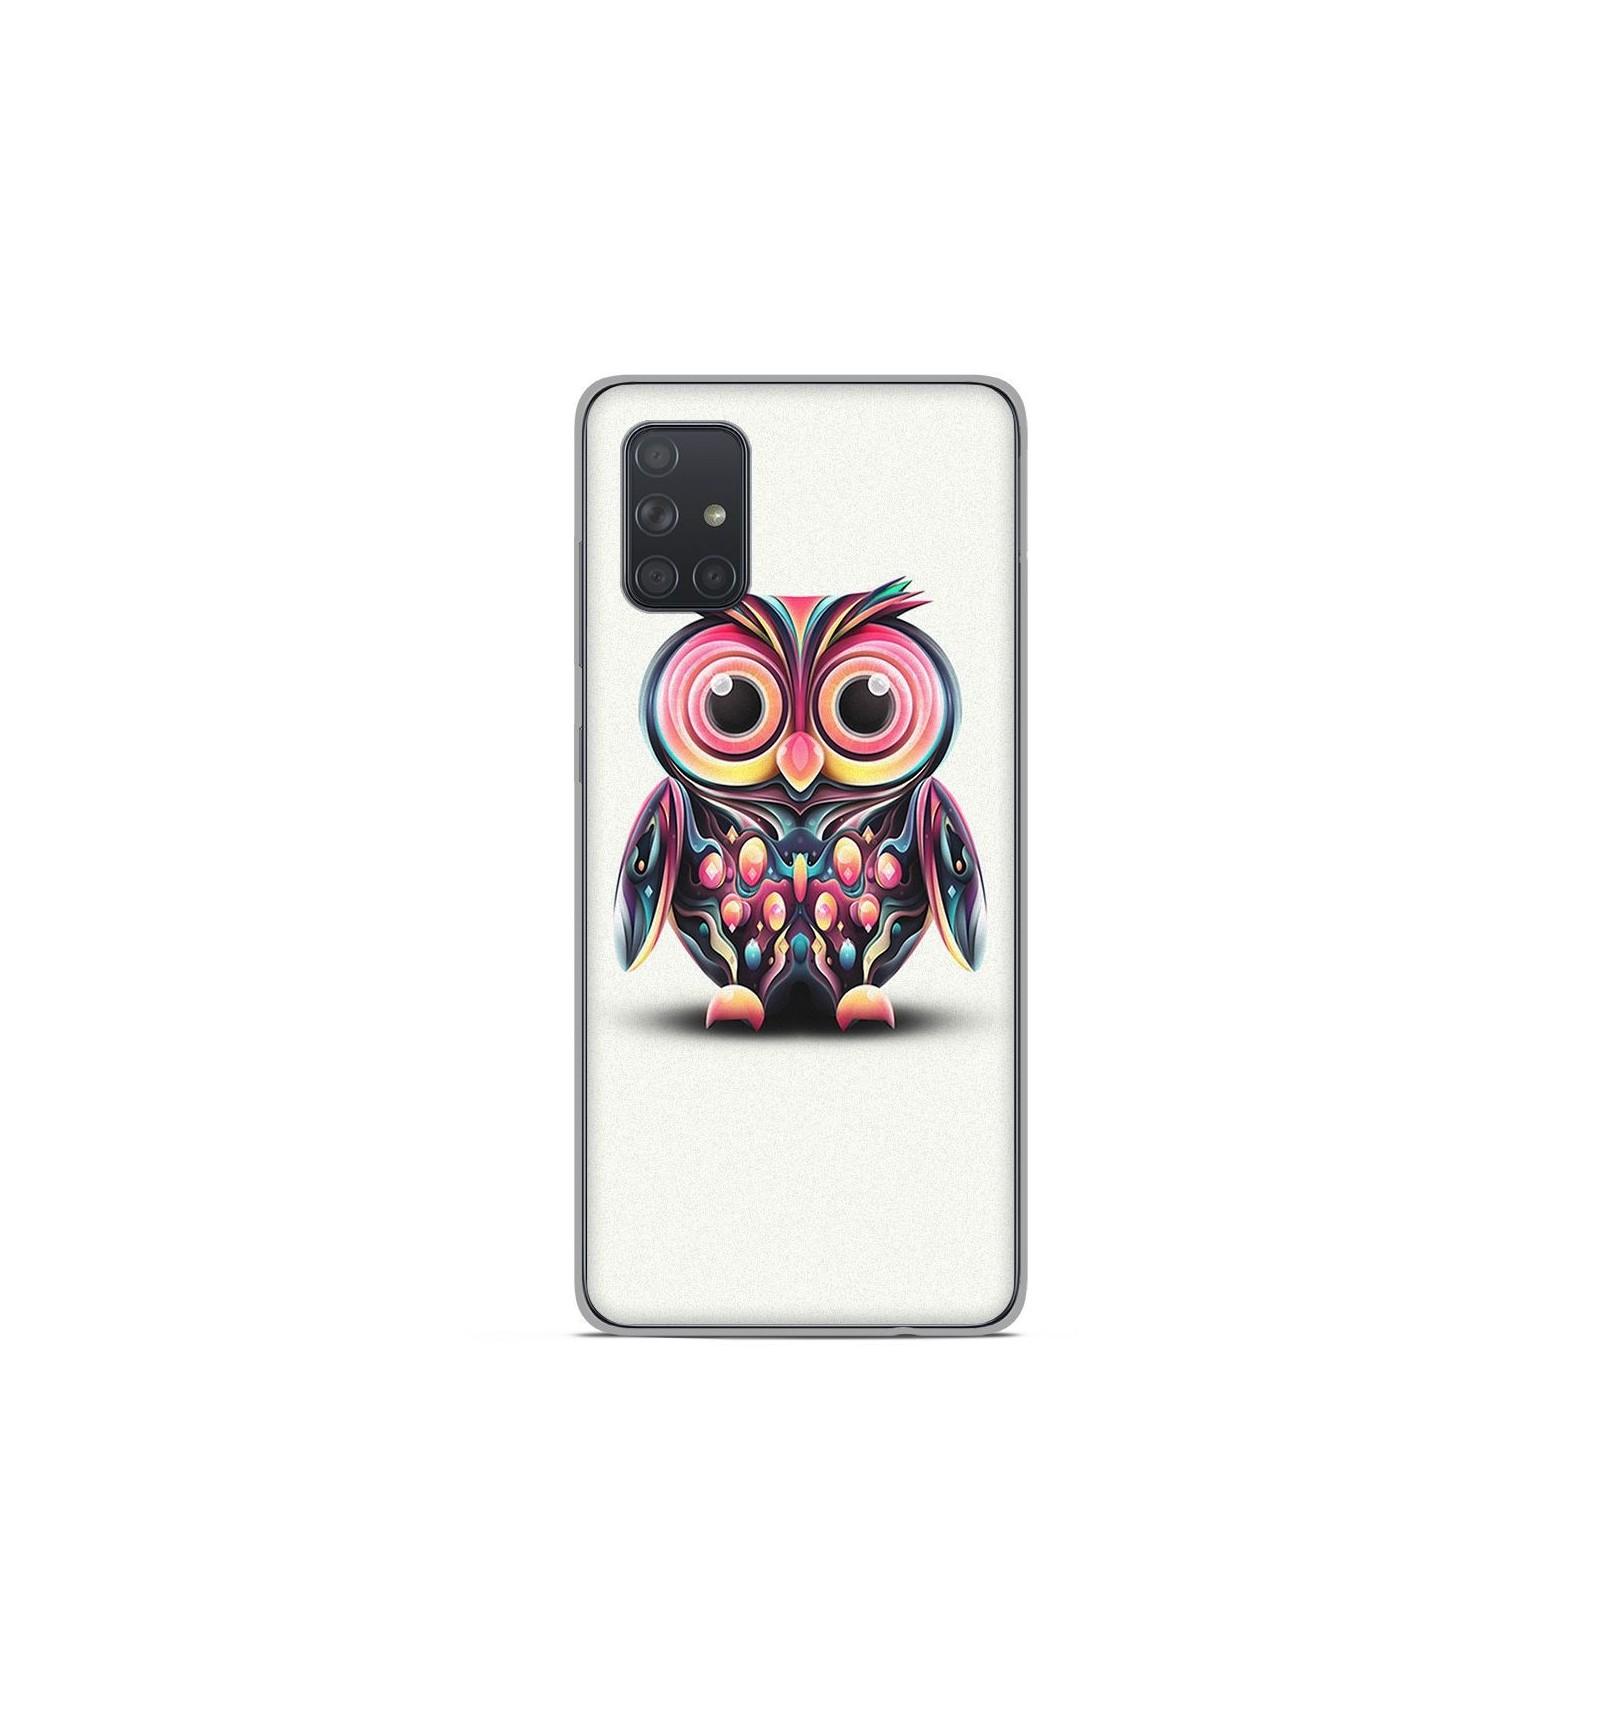 Coque en silicone Samsung Galaxy A51 - Hiboux coloré